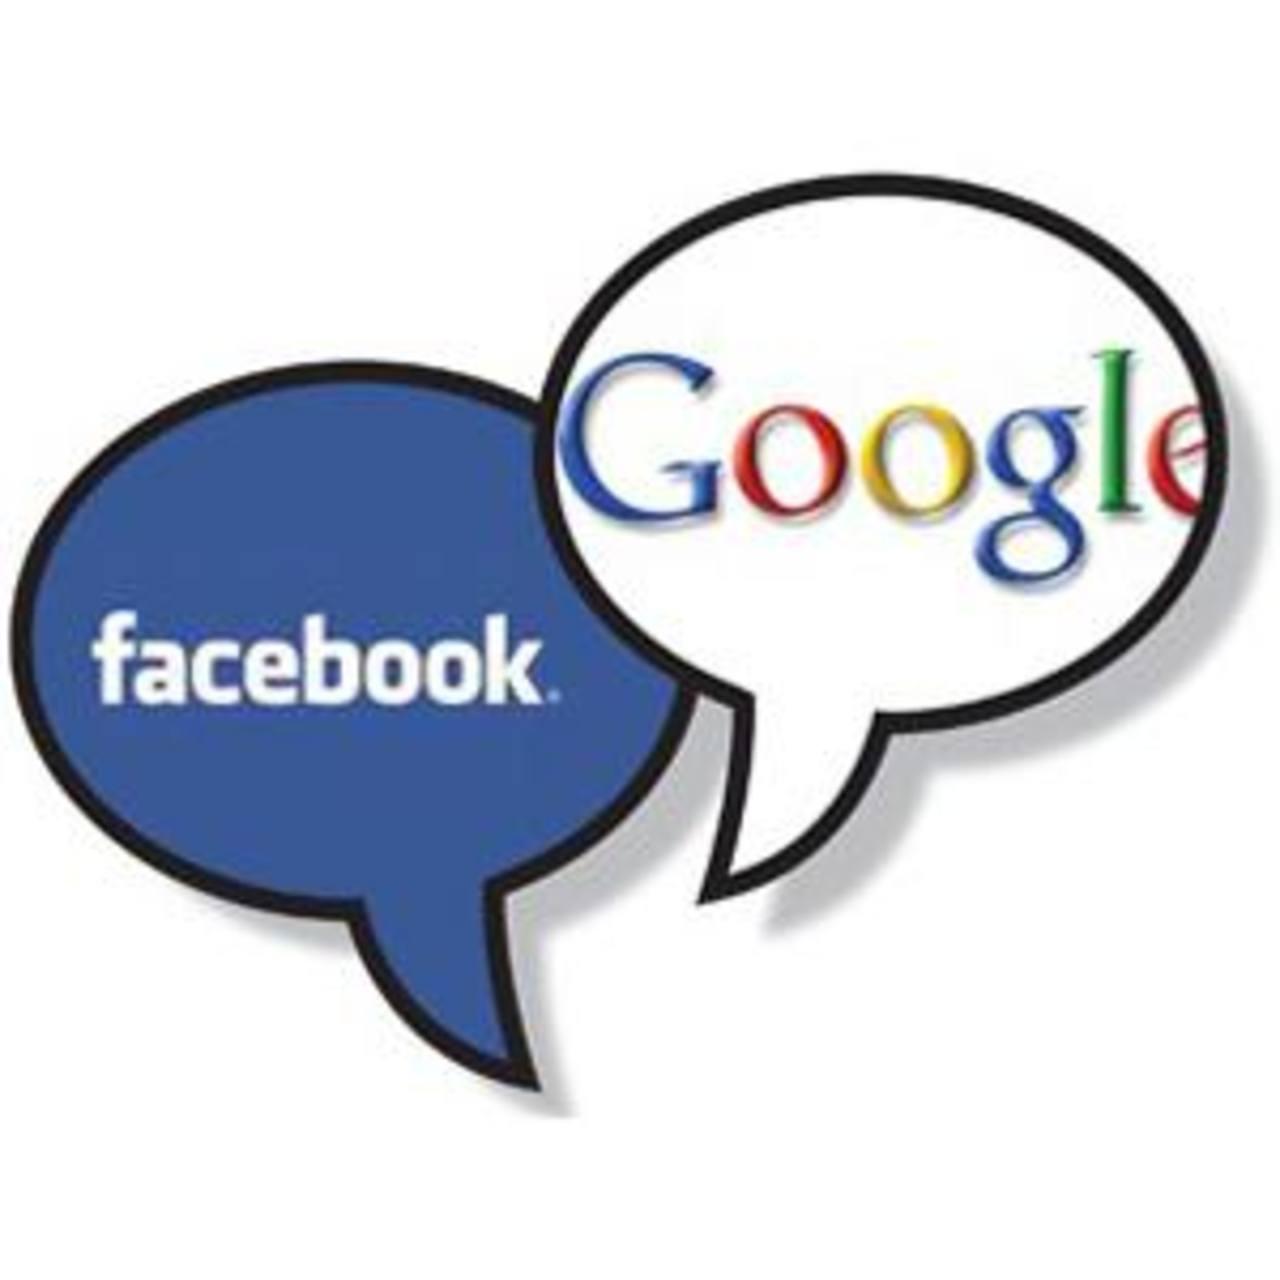 Las empresas de internet como Google y Facebook deben cumplir las normas de seguridad establecidas por la Unión Europea.